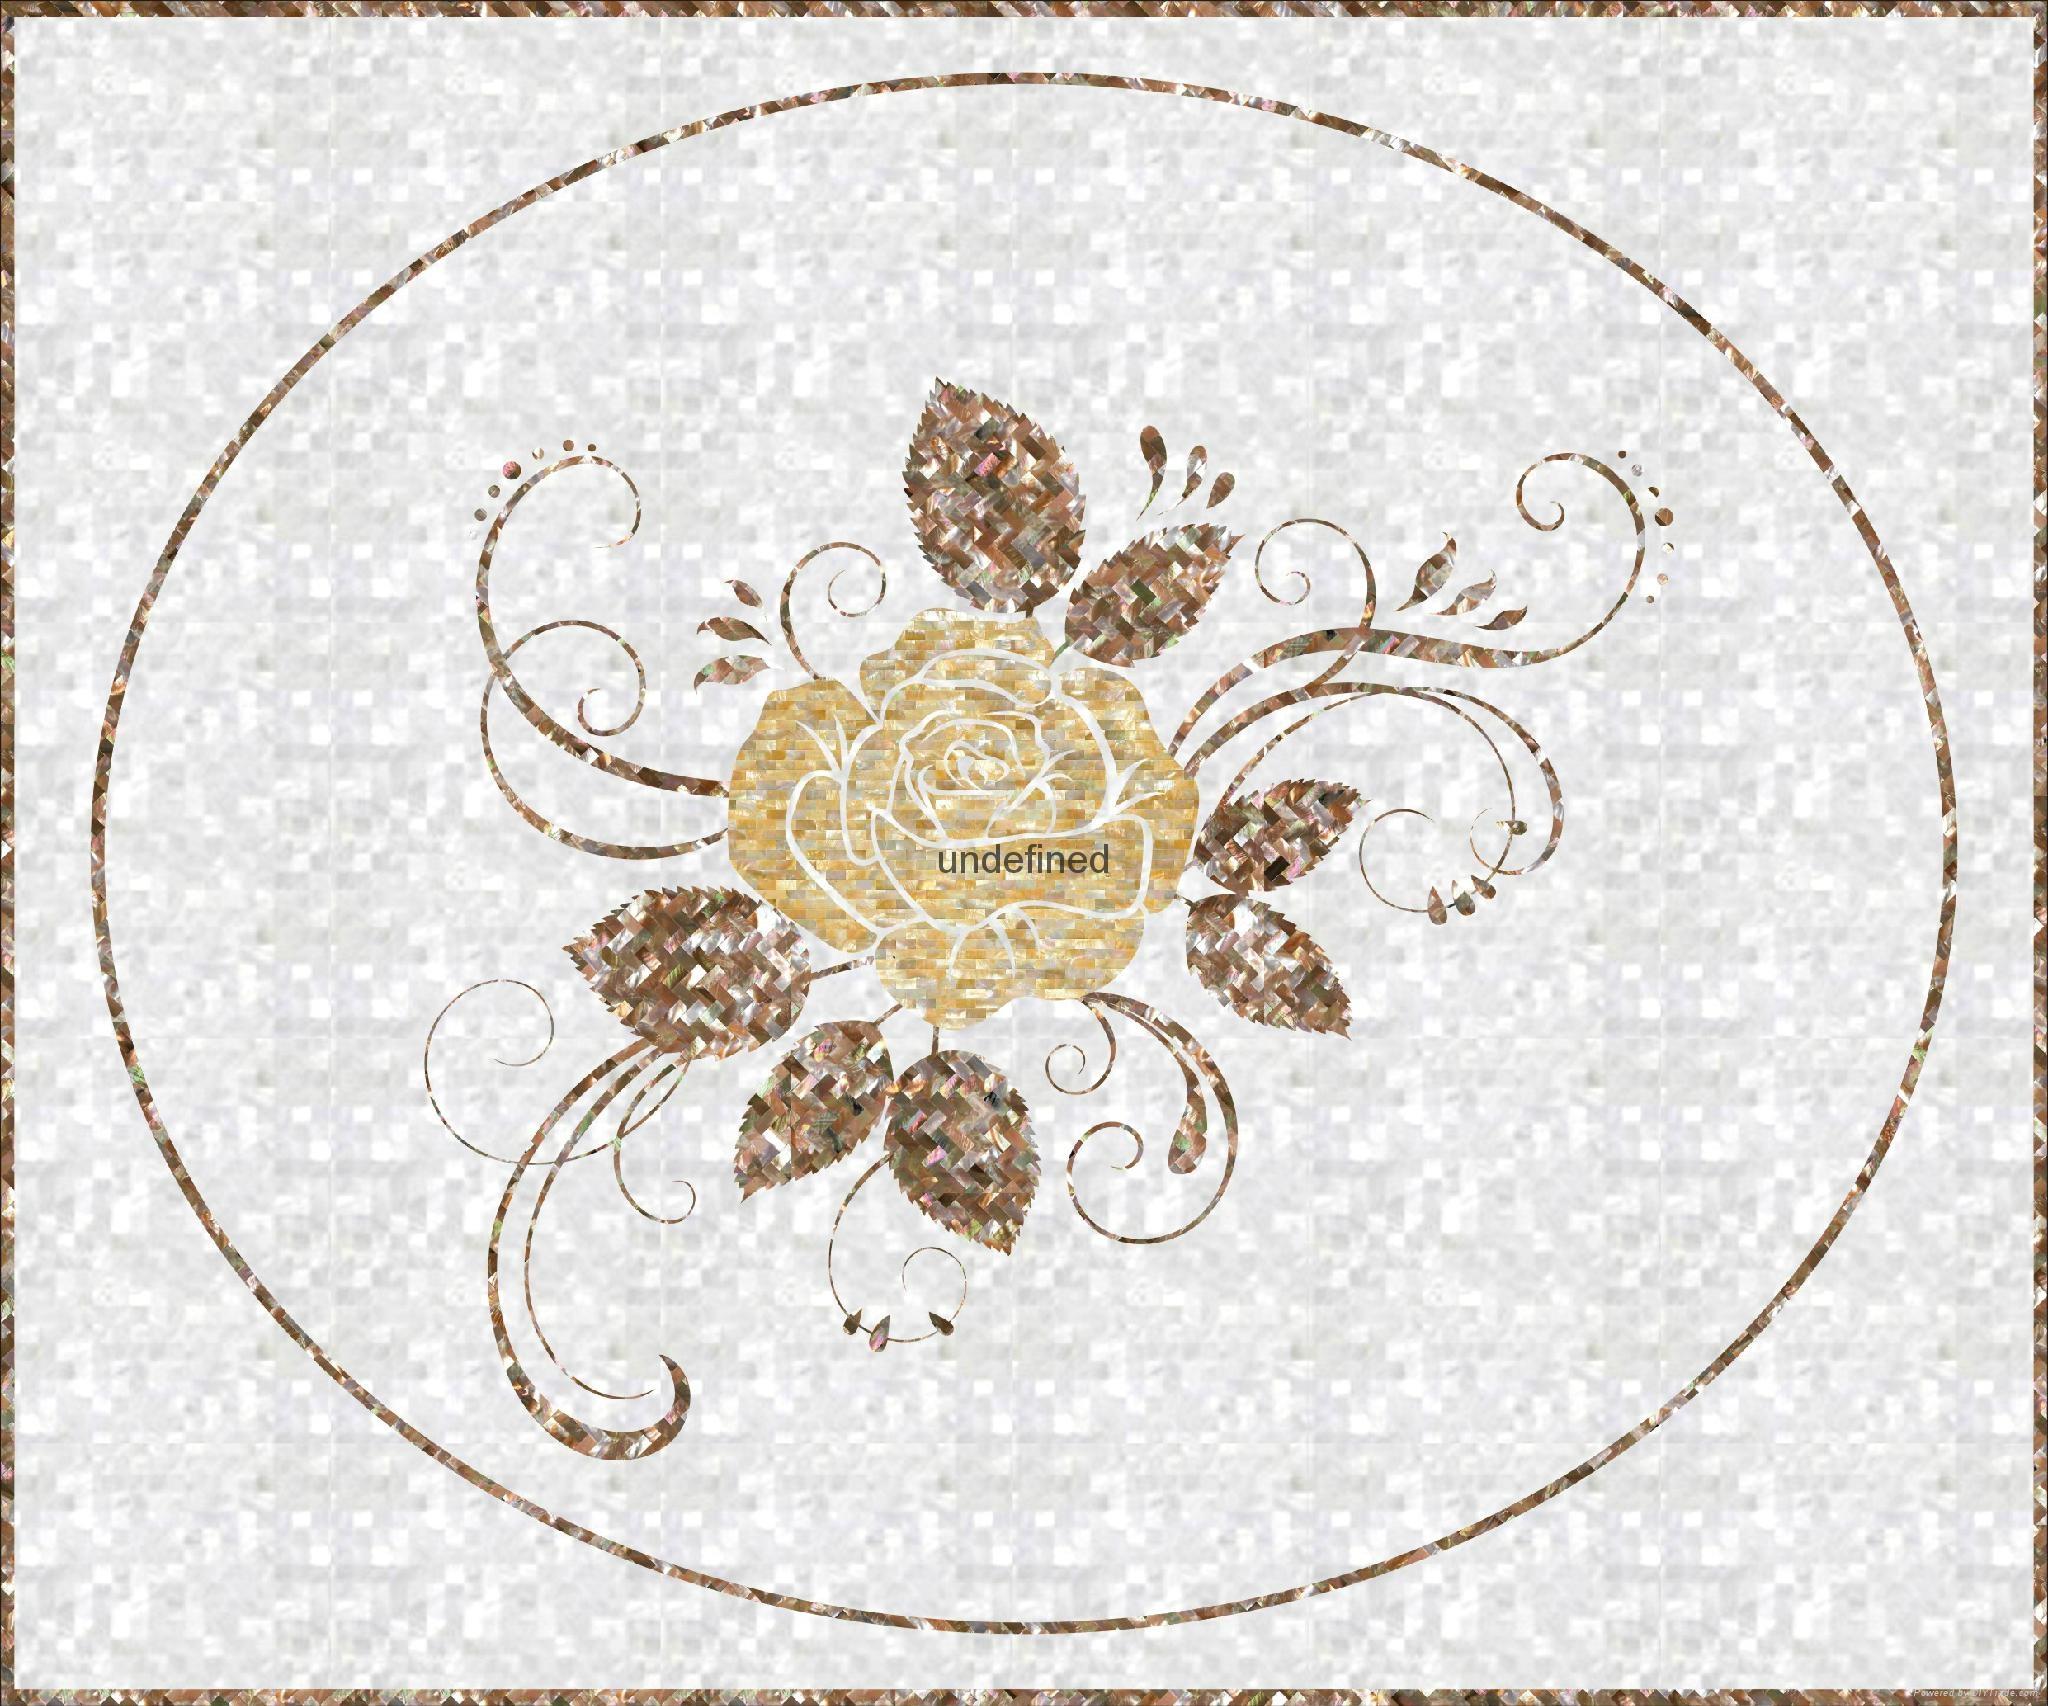 贝壳马赛克雕花装饰板图片